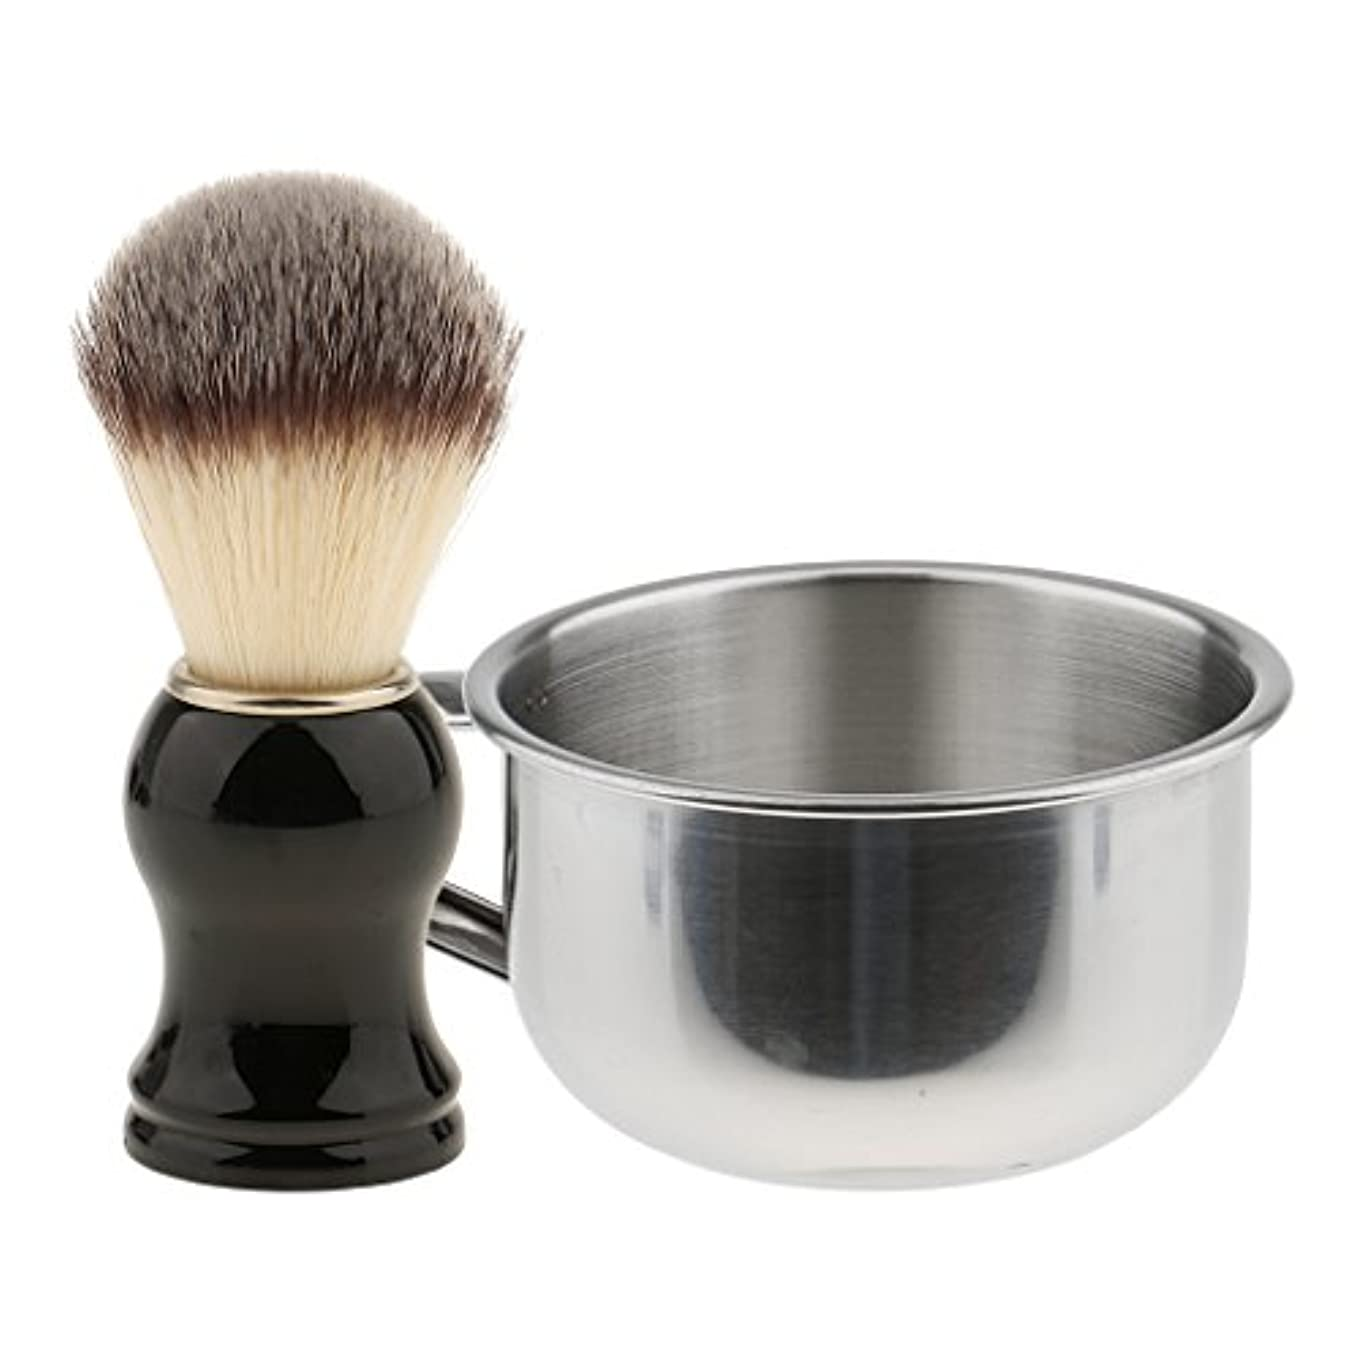 フォーラム悲しいことに賢明なBaosity シェービングブラシ マグ シェイプセット メンズ 男性 シェービング ひげ剃り 2点セット